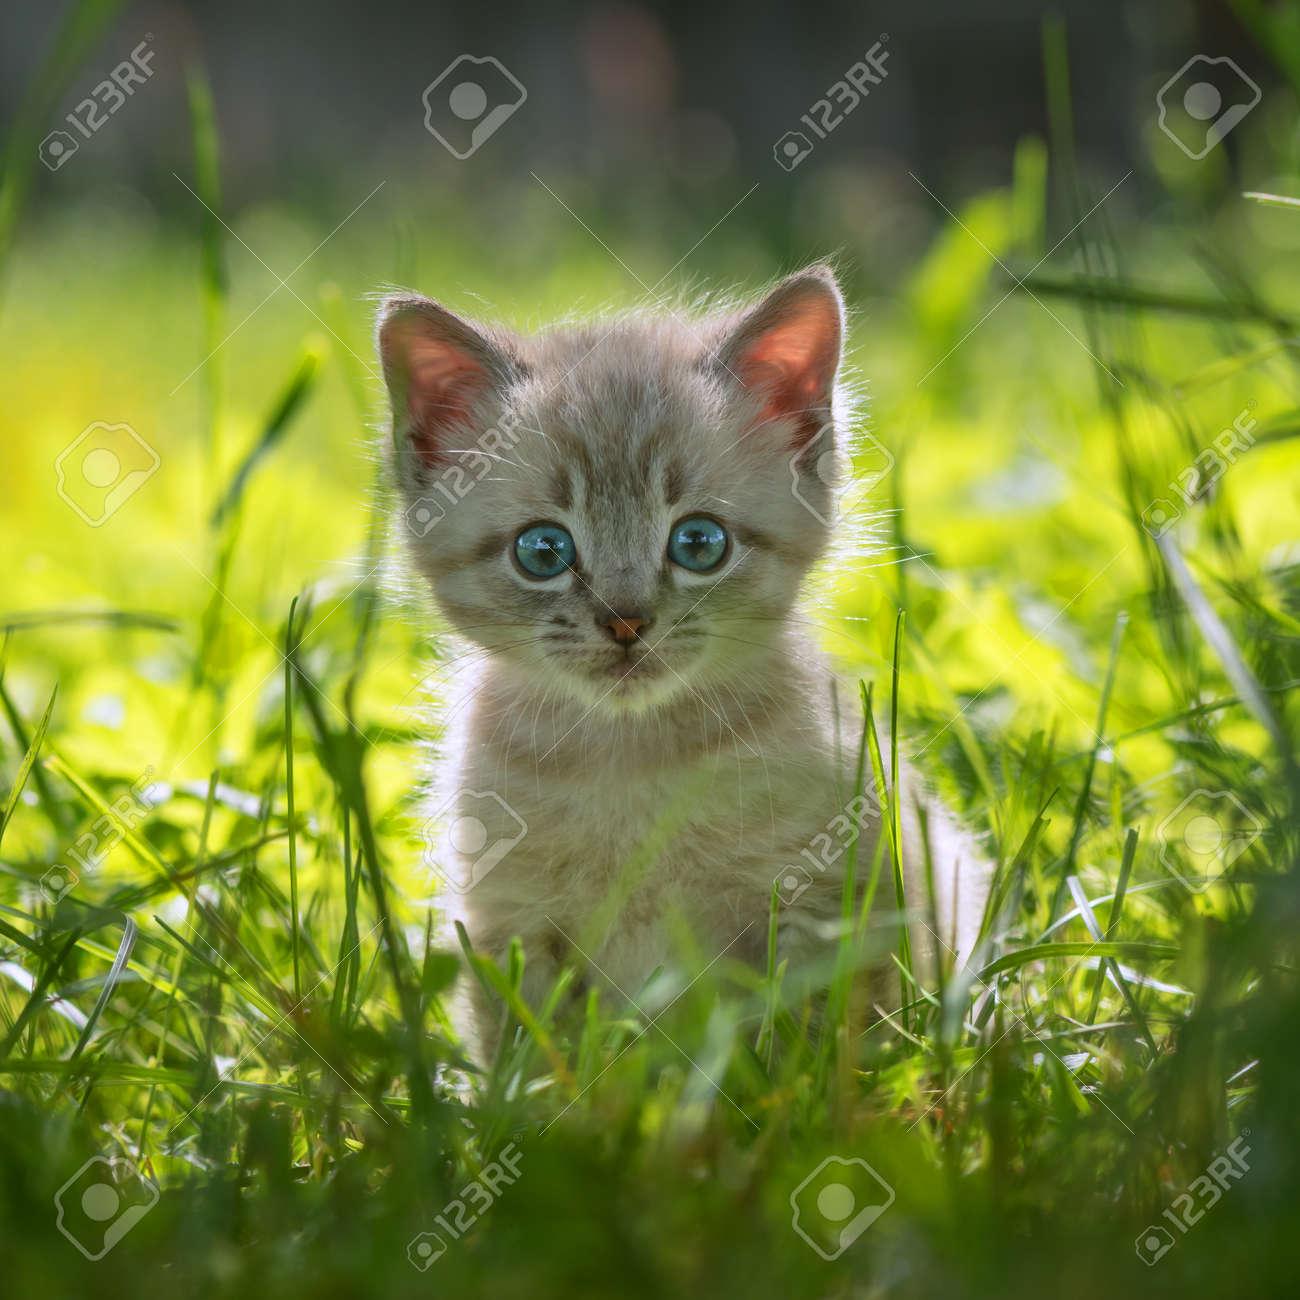 kitten on grass close up - 46070332